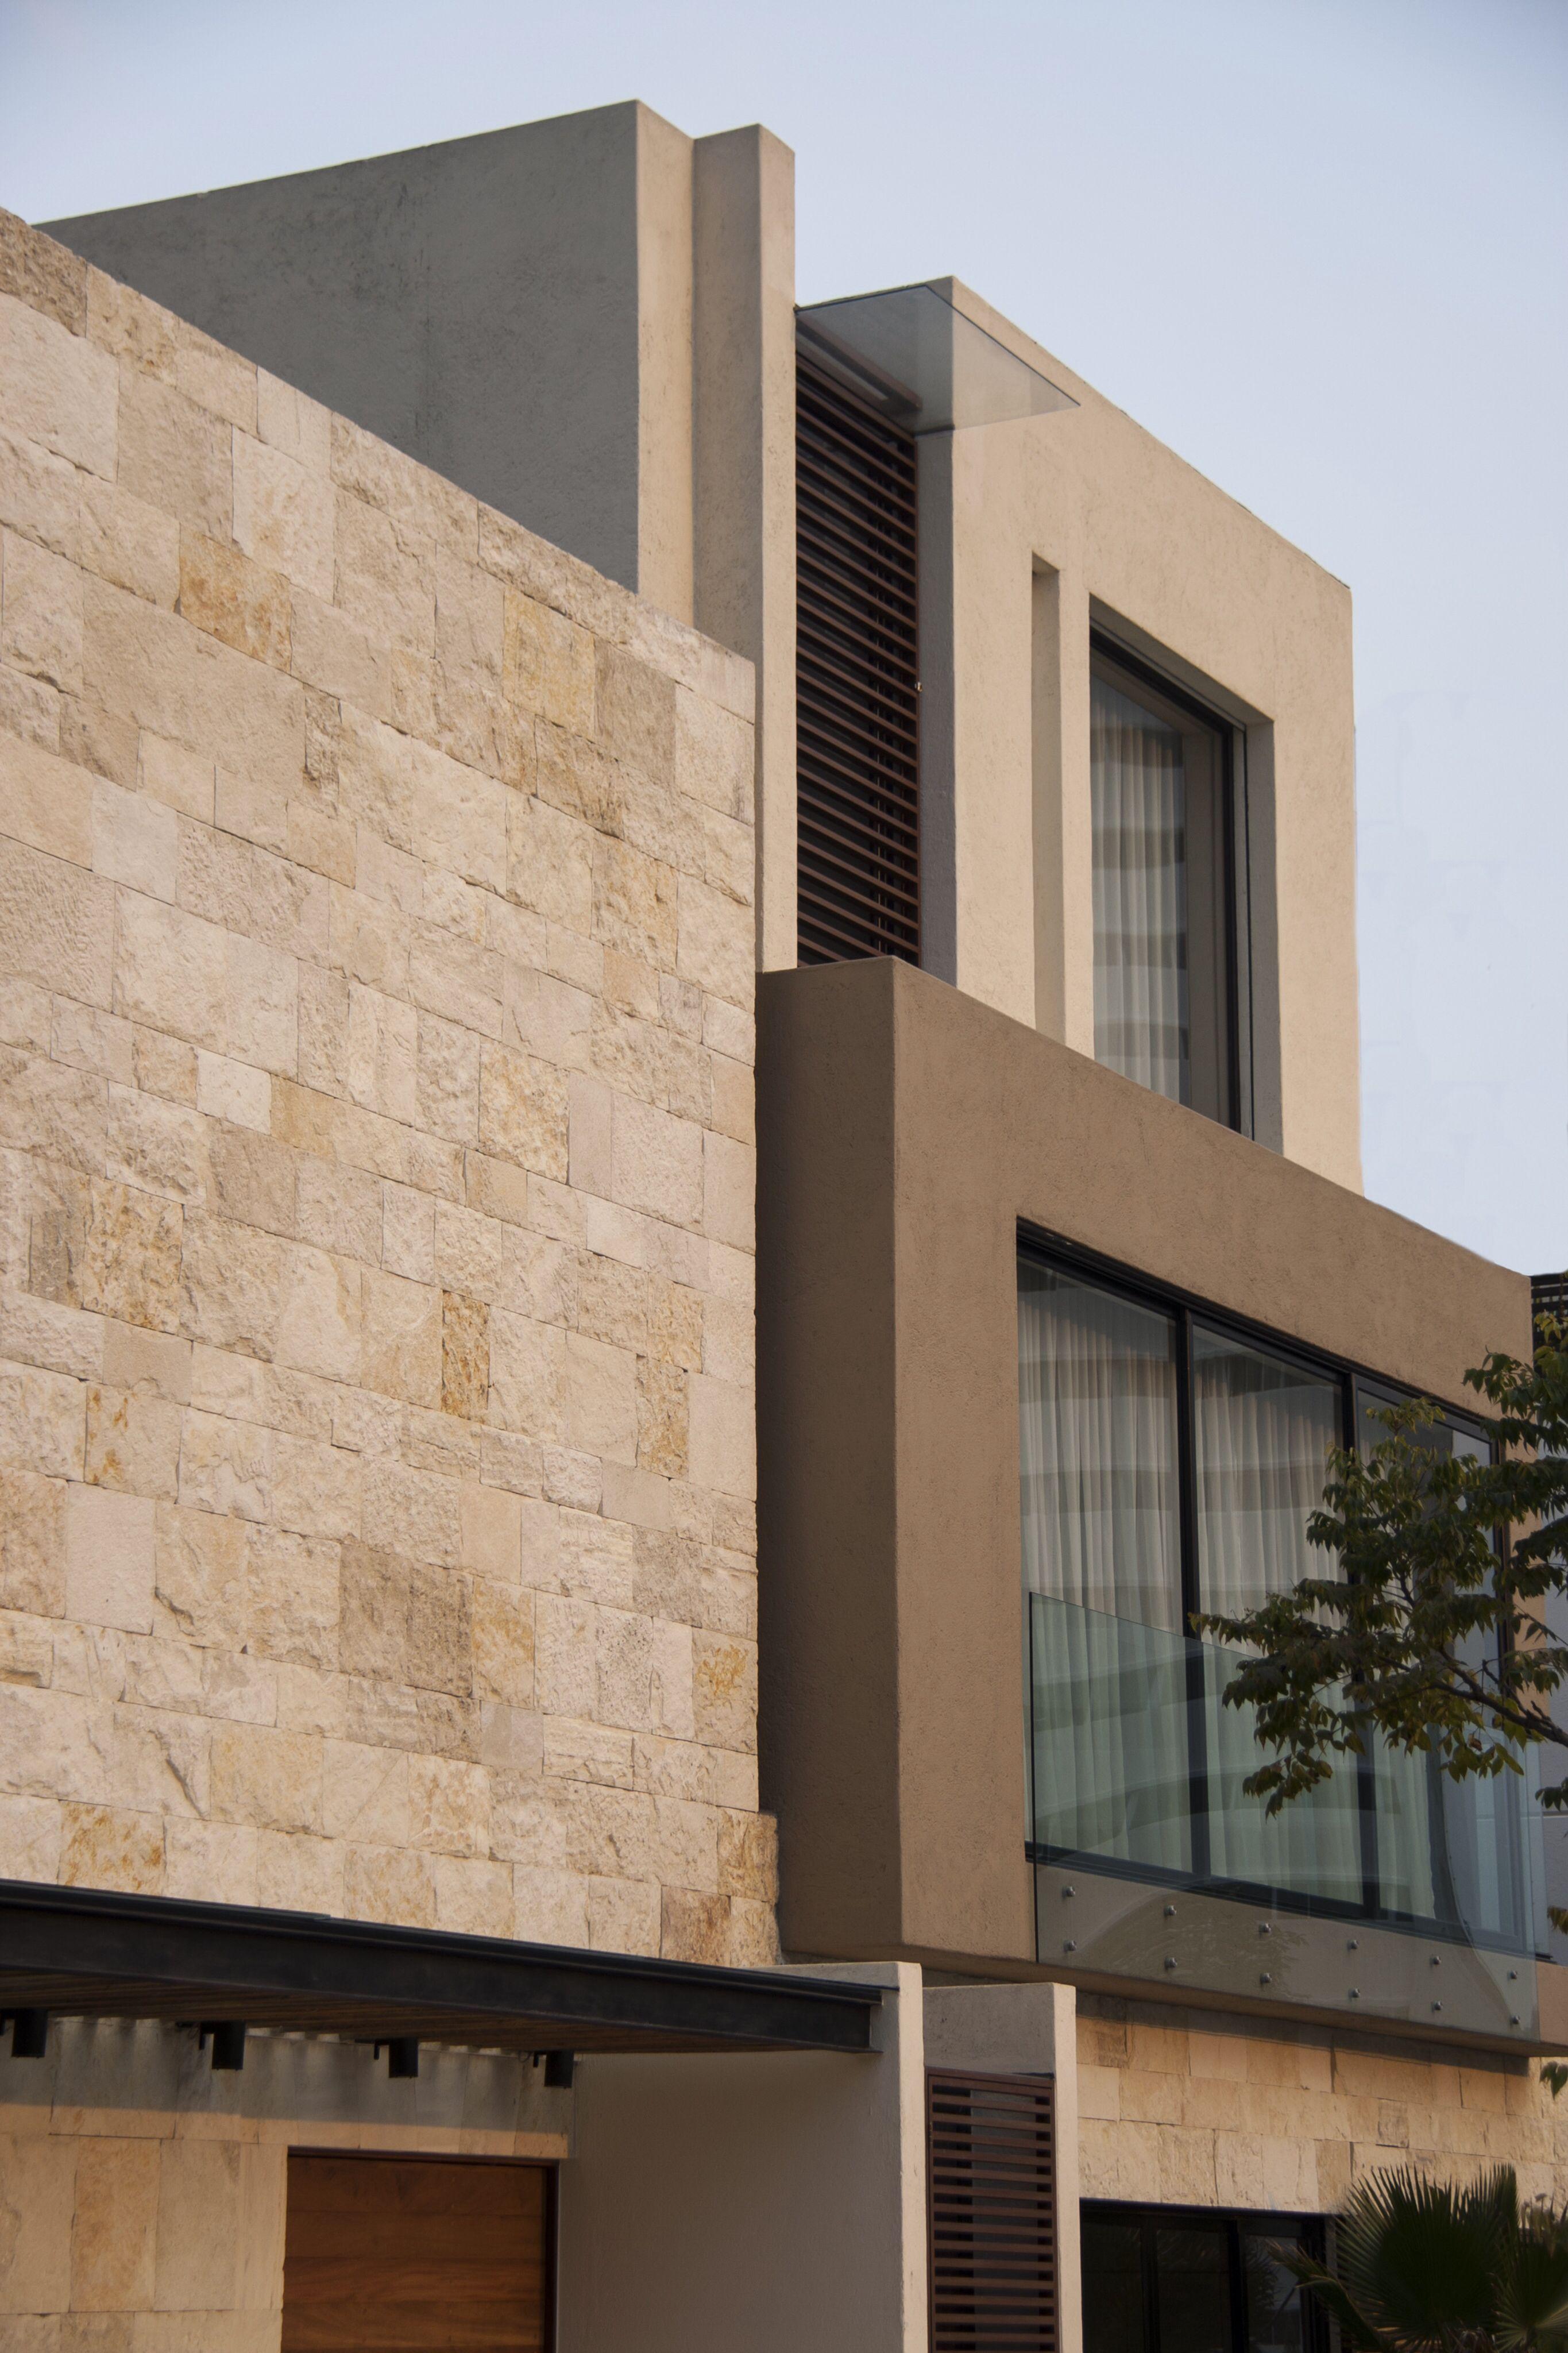 Casa ss fachada muros de piedra canceleria de - Fachadas con azulejo ...